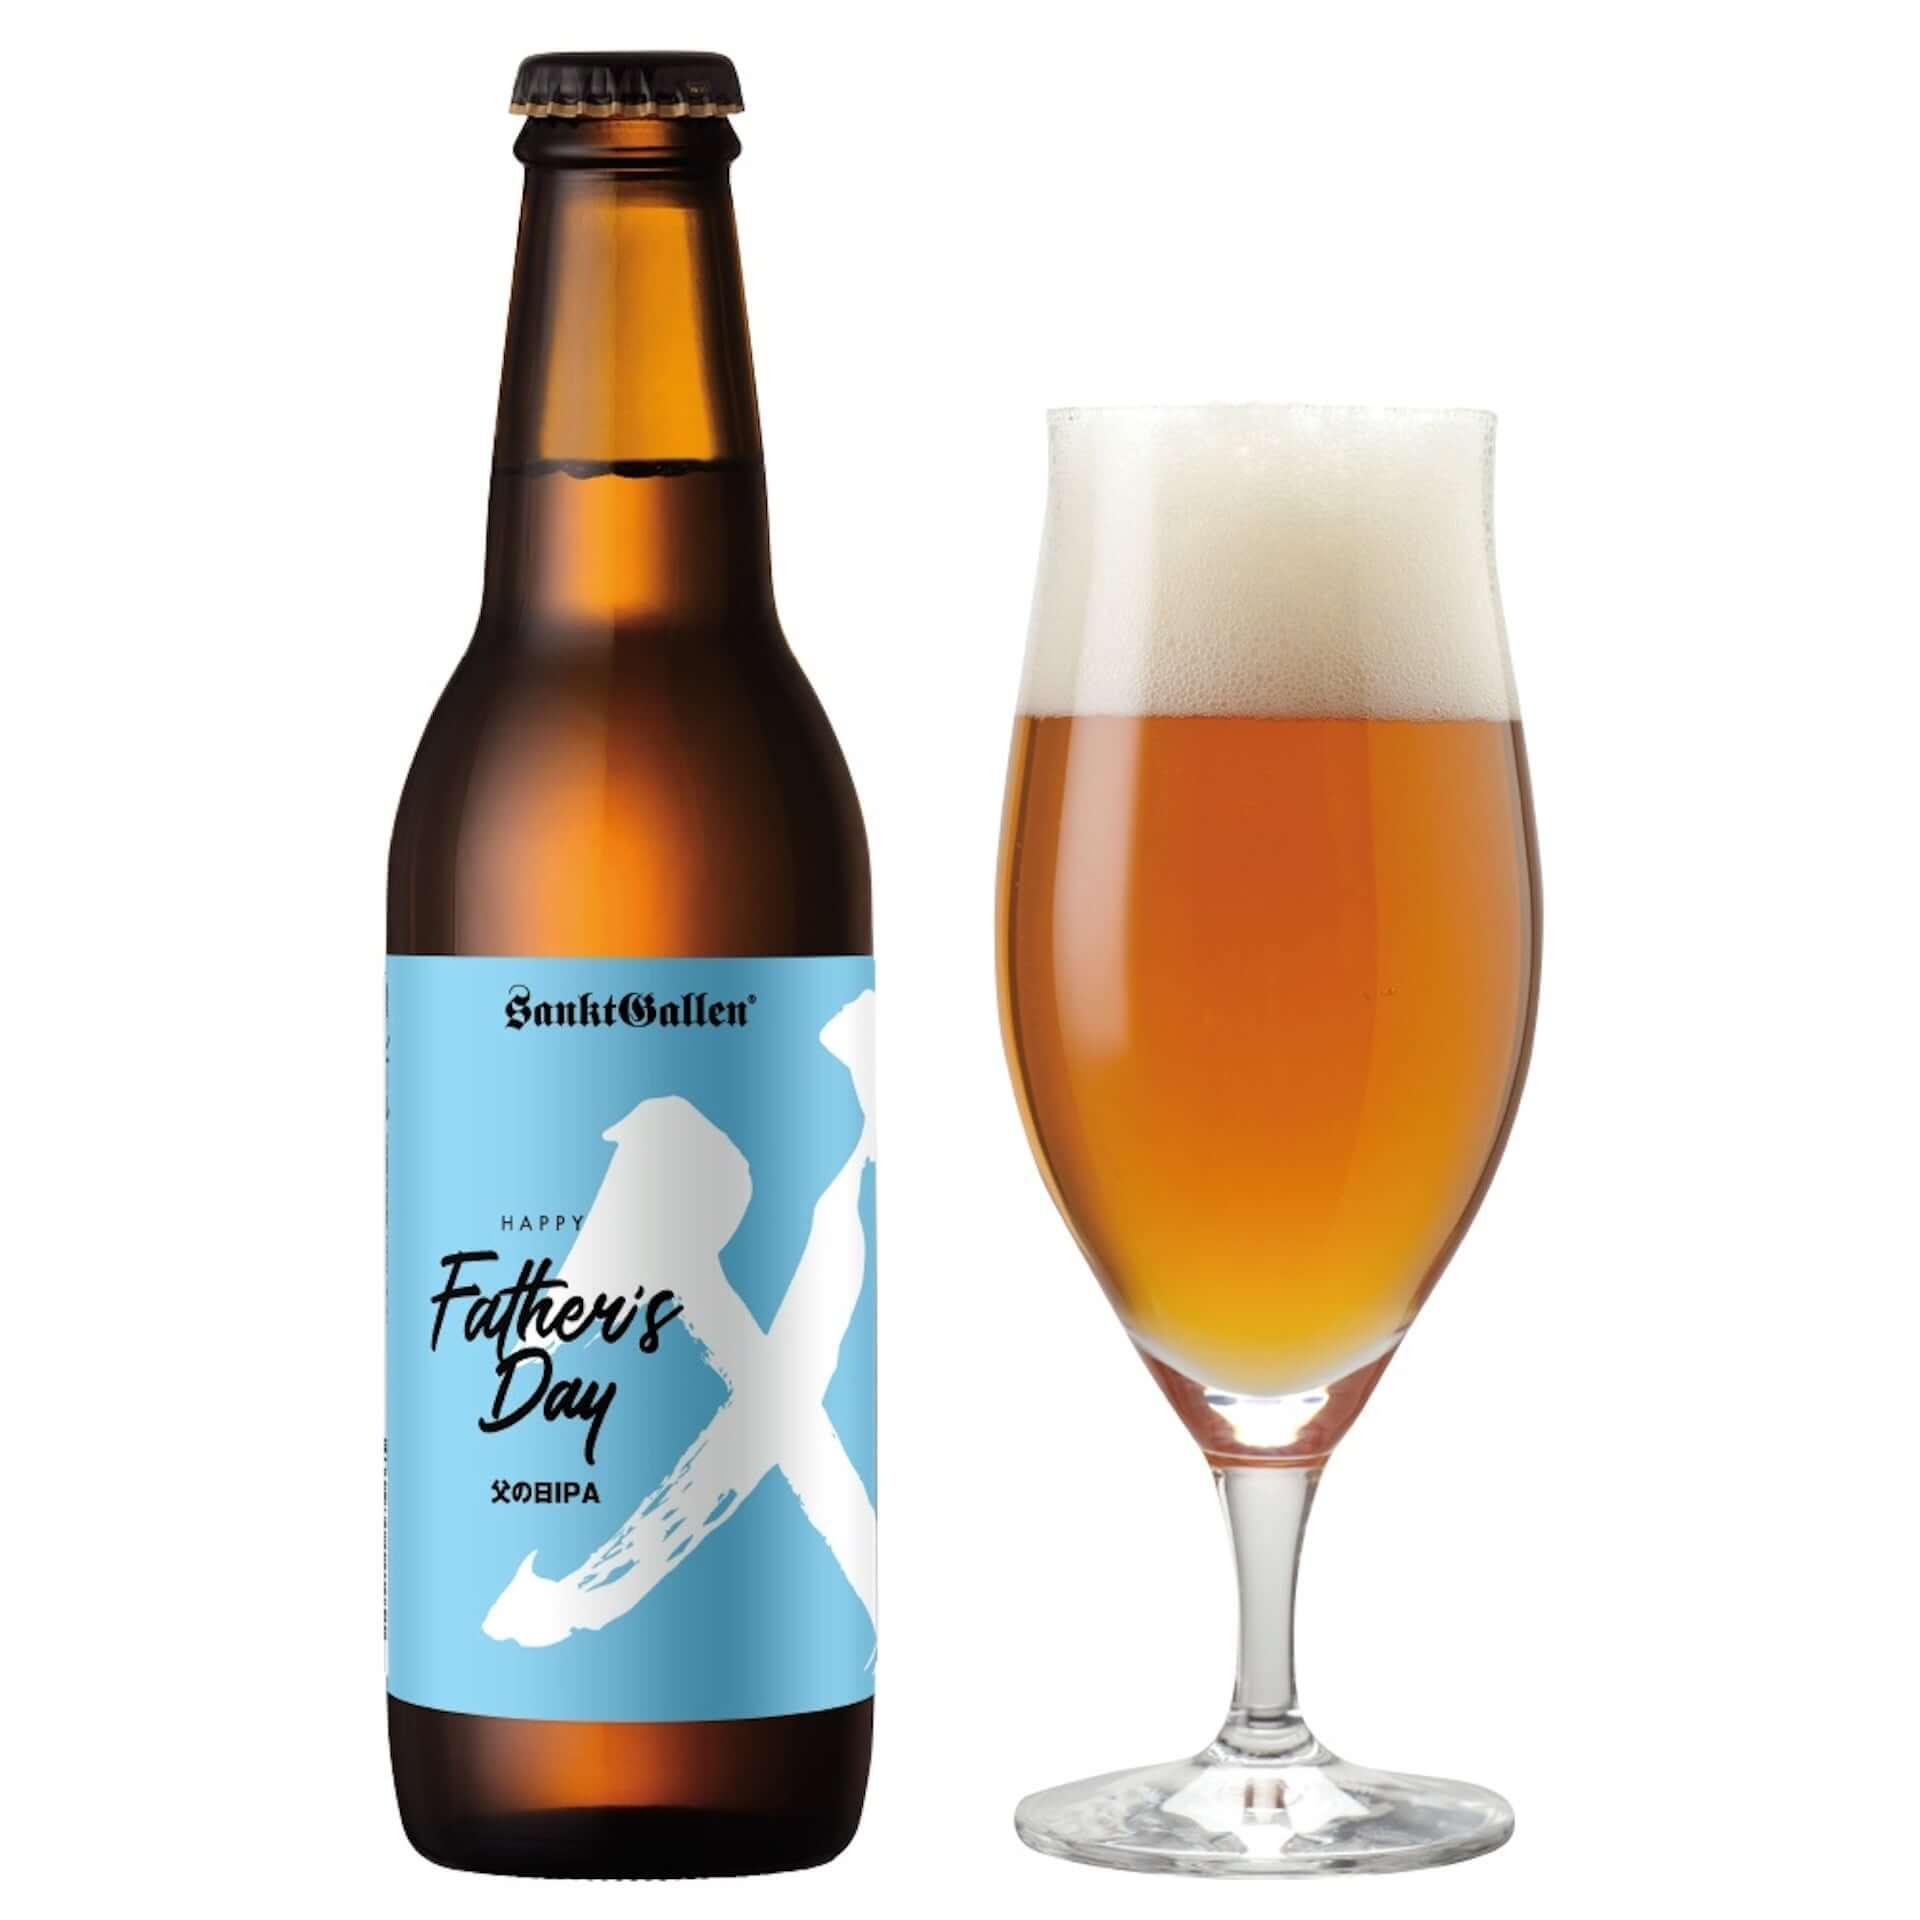 父の日のギフトにも!期間限定クラフトビール『父の日 IPA』がサンクトガーレンより新発売 gourmet200514_sanktgallen_beer_1-1920x1920